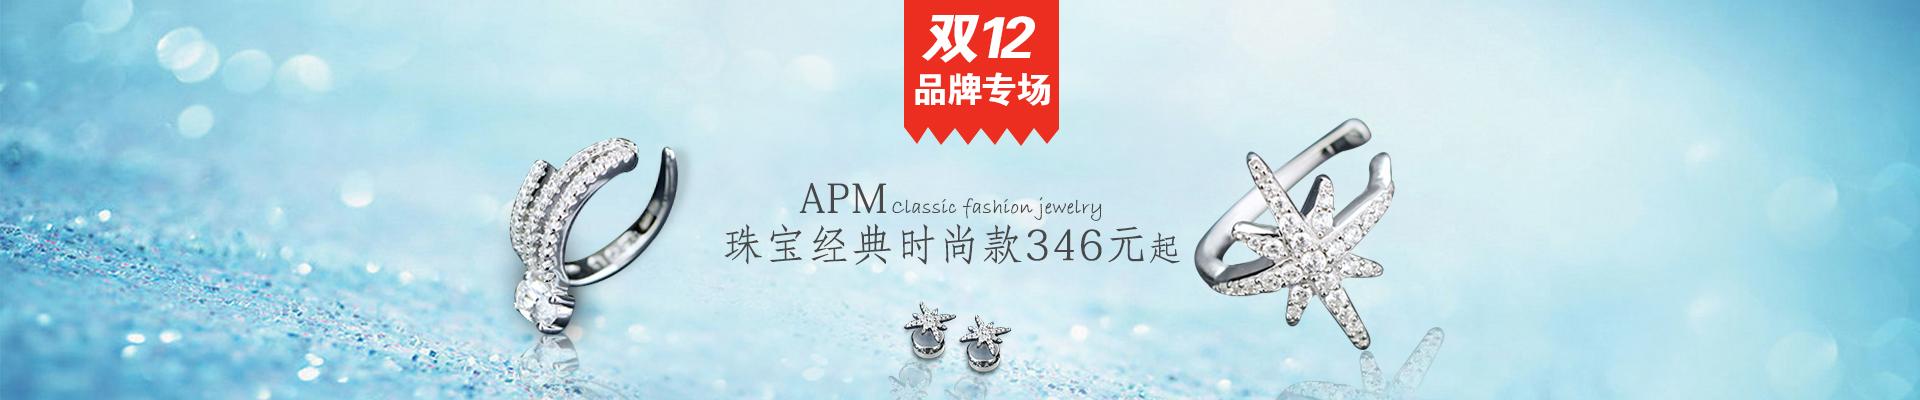 双12品牌专场 APM 珠宝经典时尚款346元起